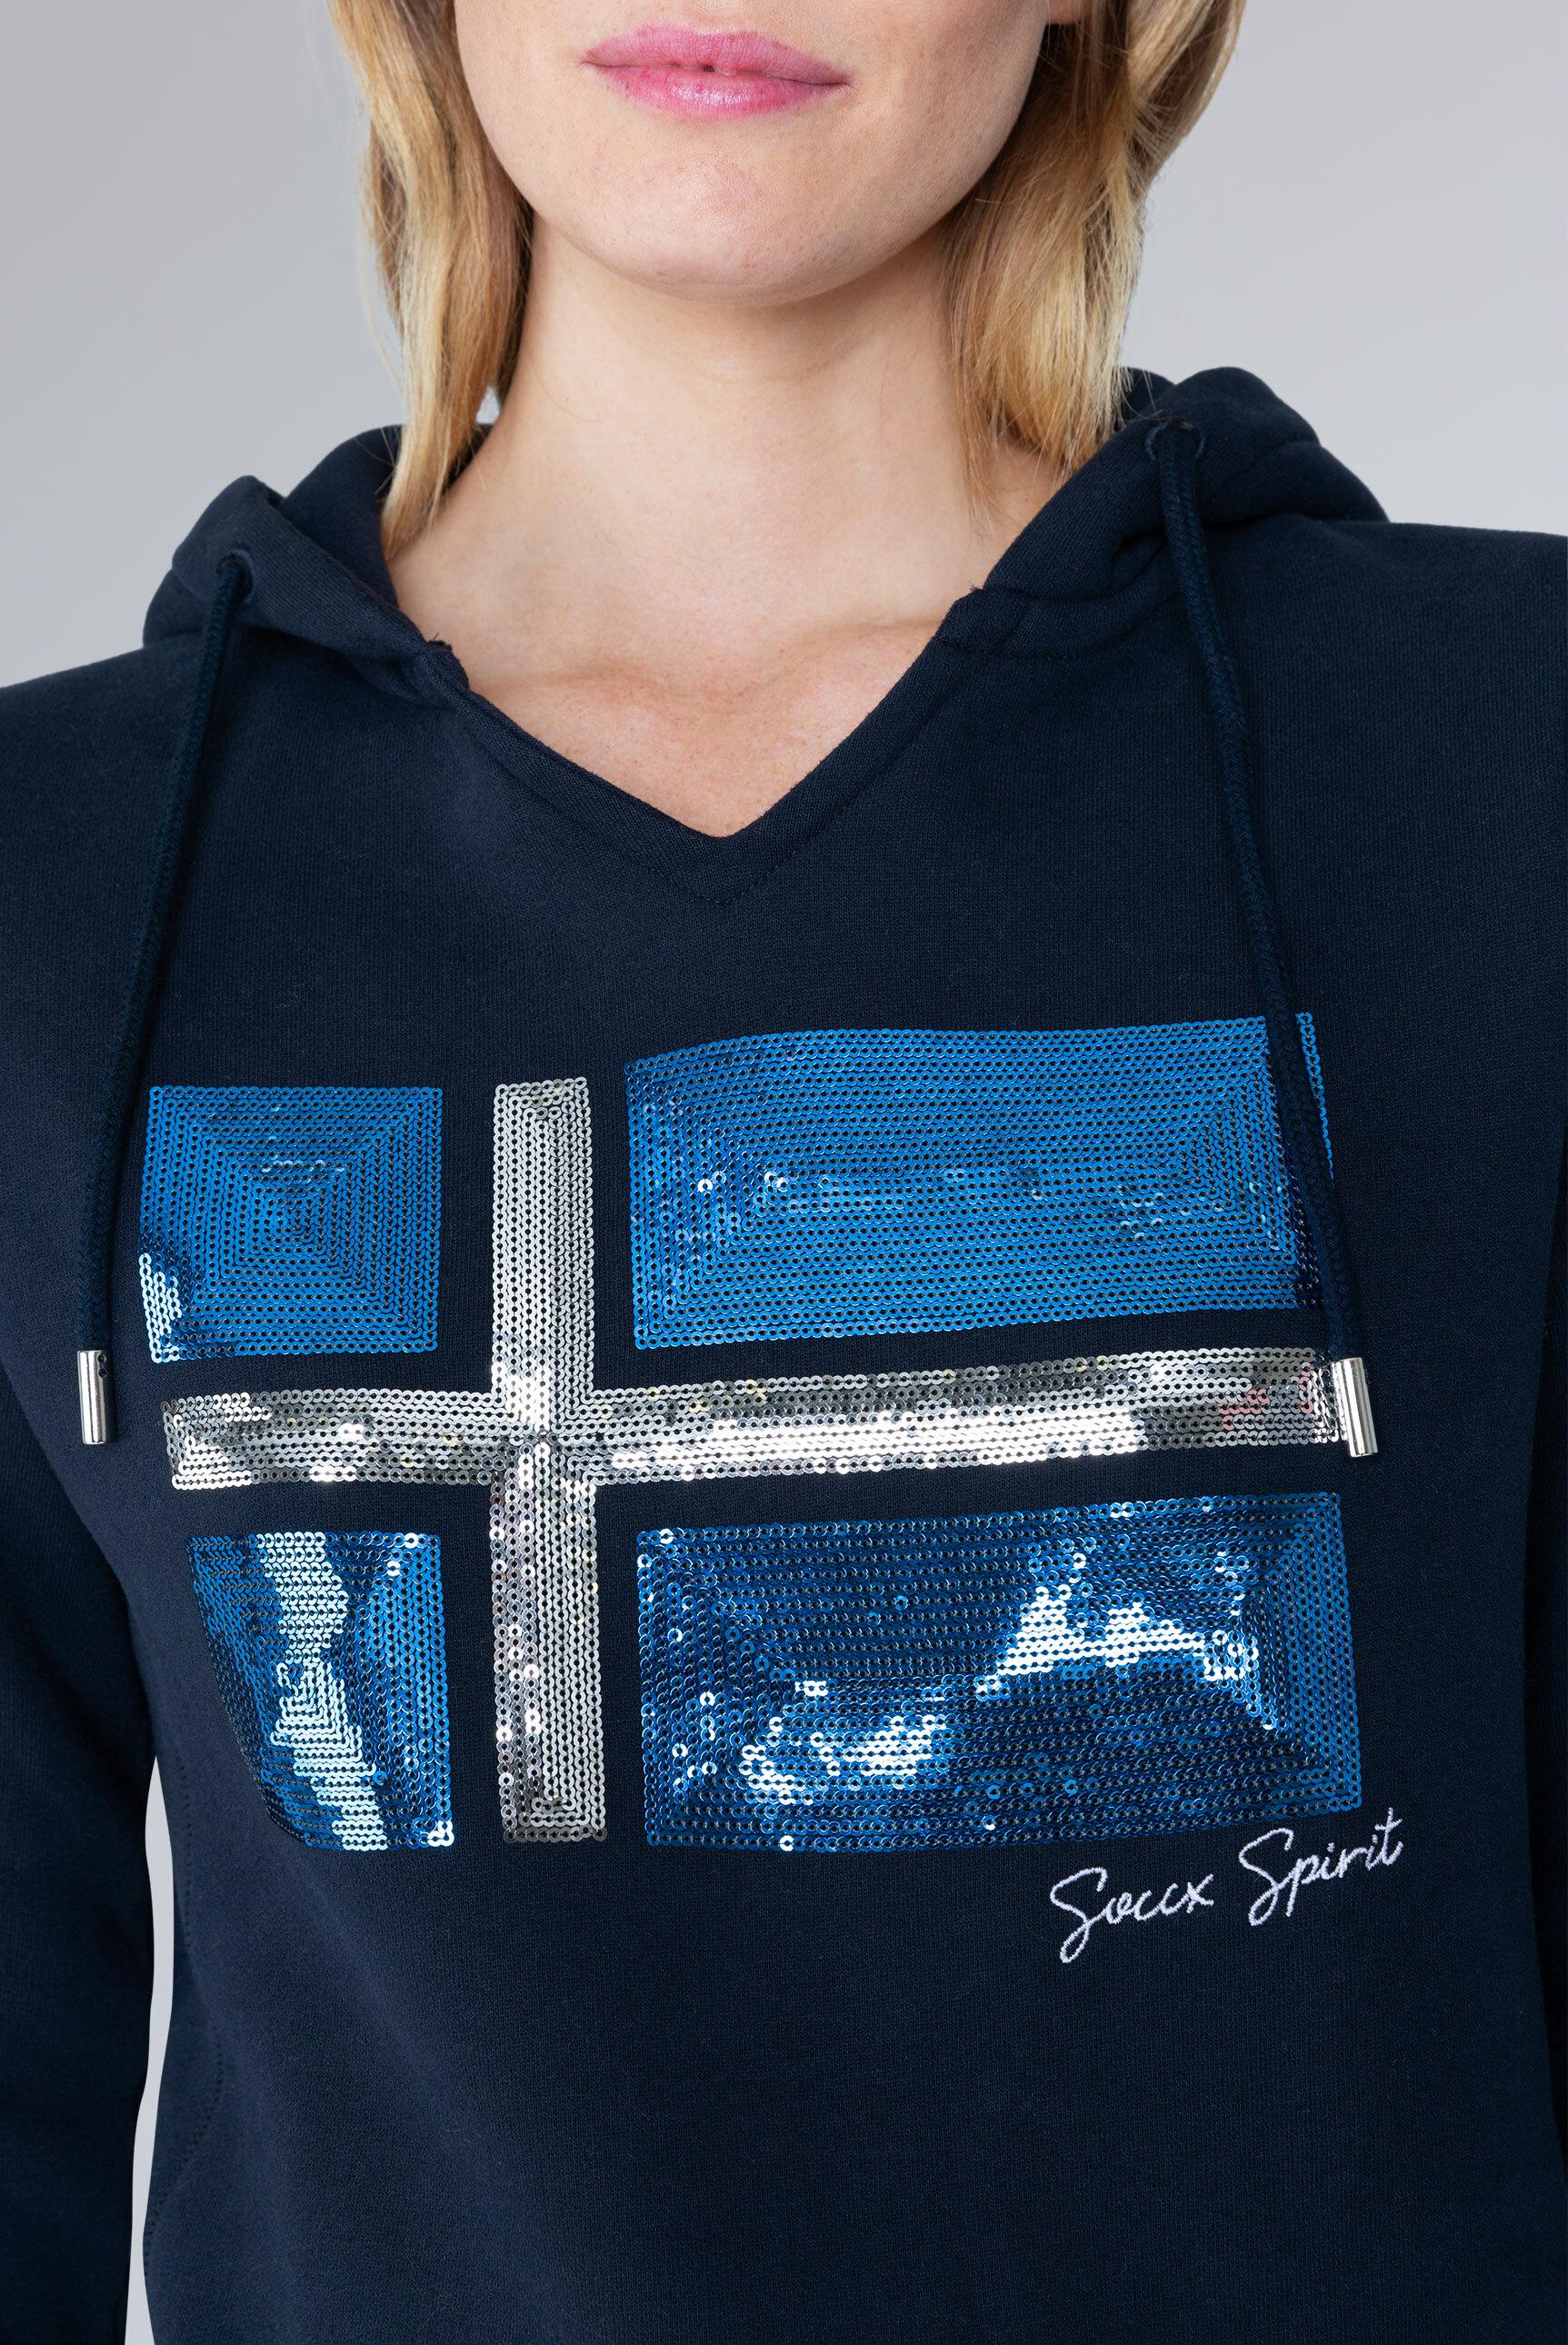 Kapuzensweatshirt mit Pailletten-Artwork